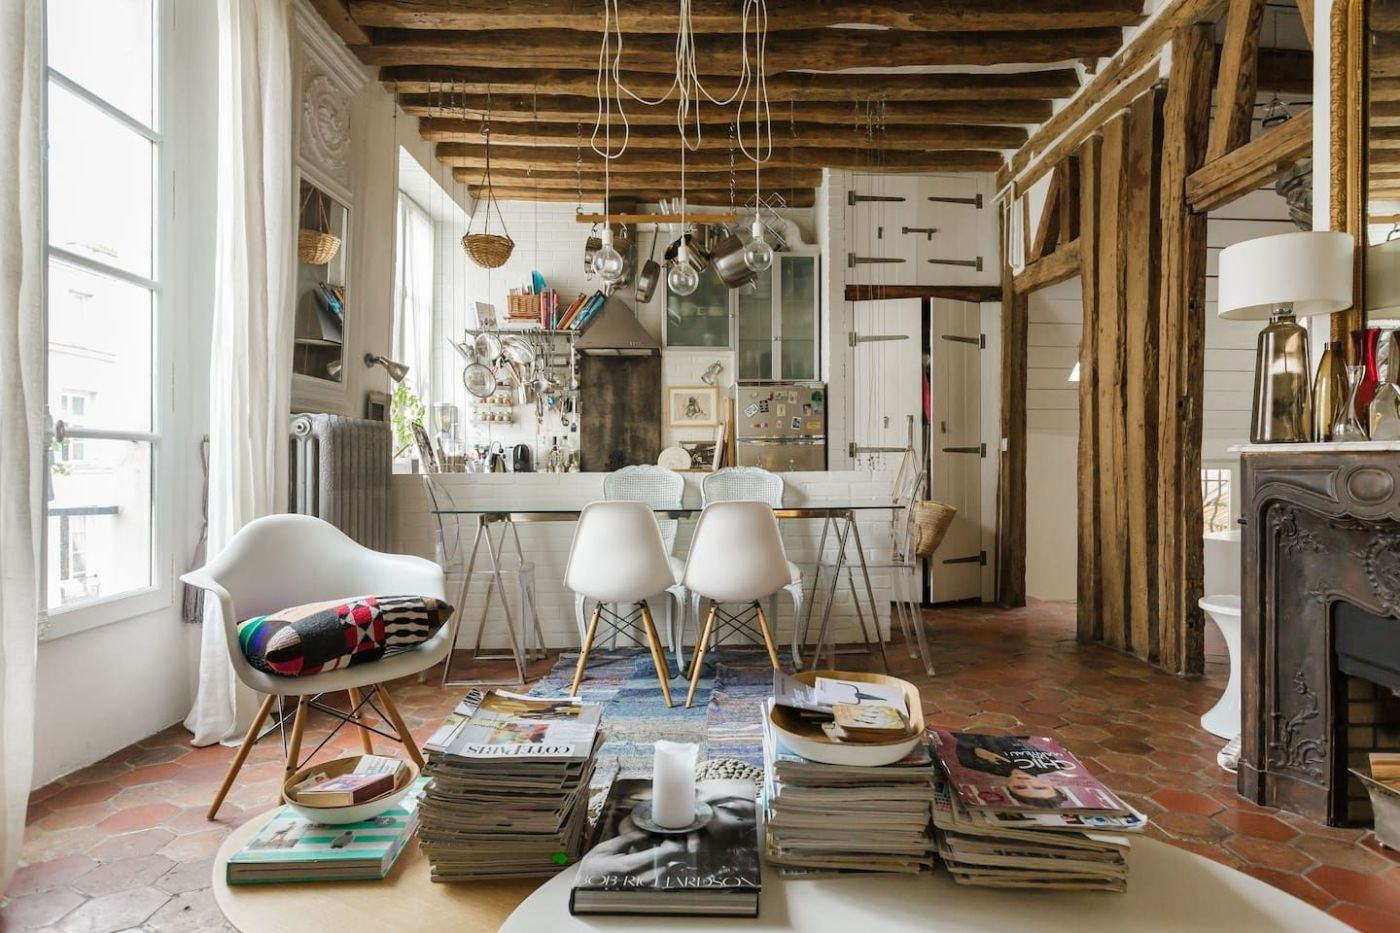 airbnb in paris